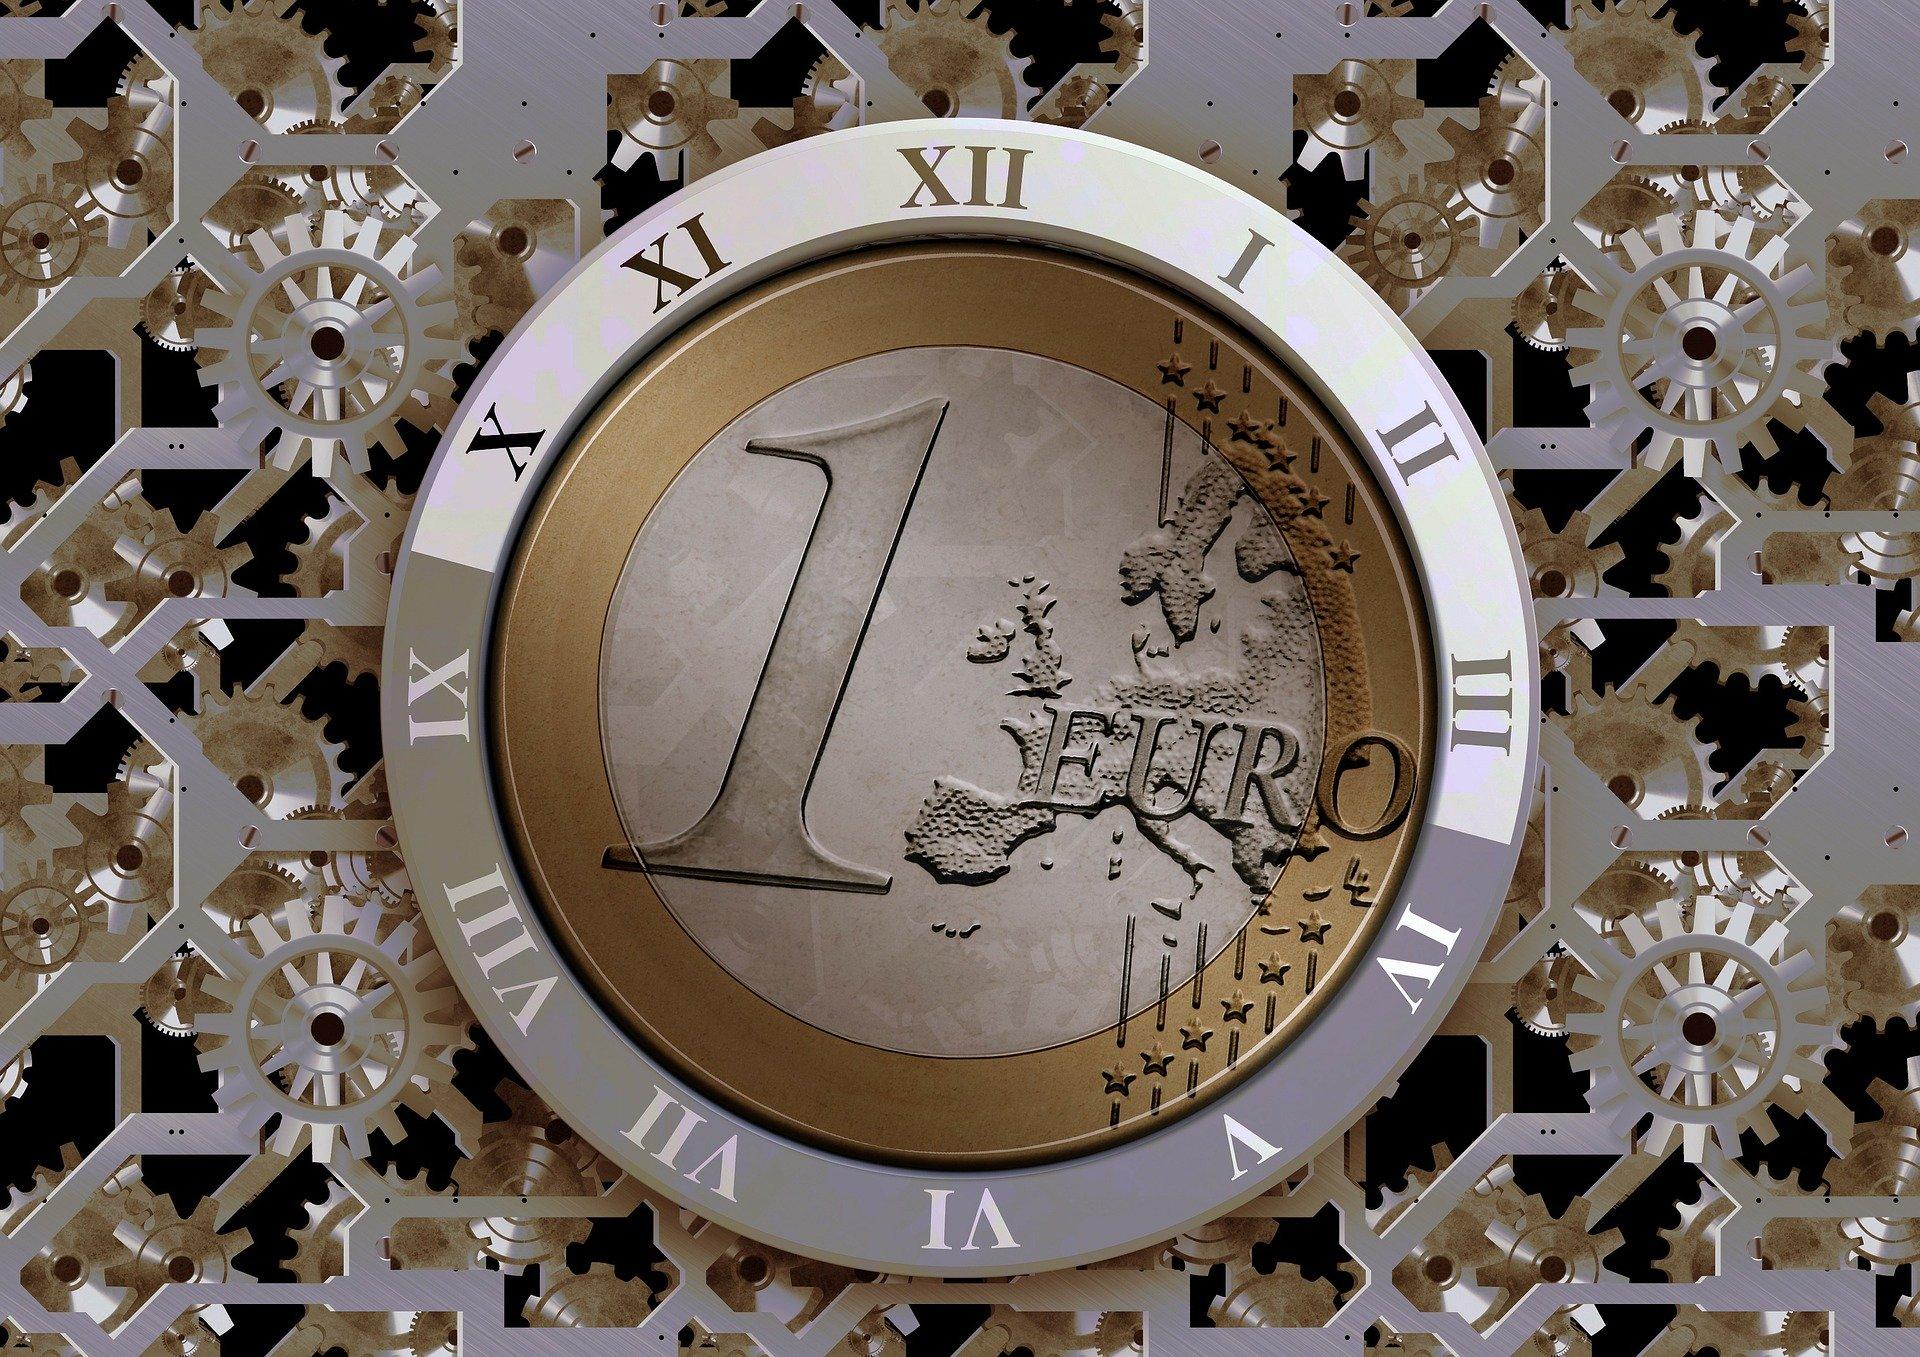 L'Euro a 20 ans : qu'avons-nous appris en utilisant cette monnaie unique?